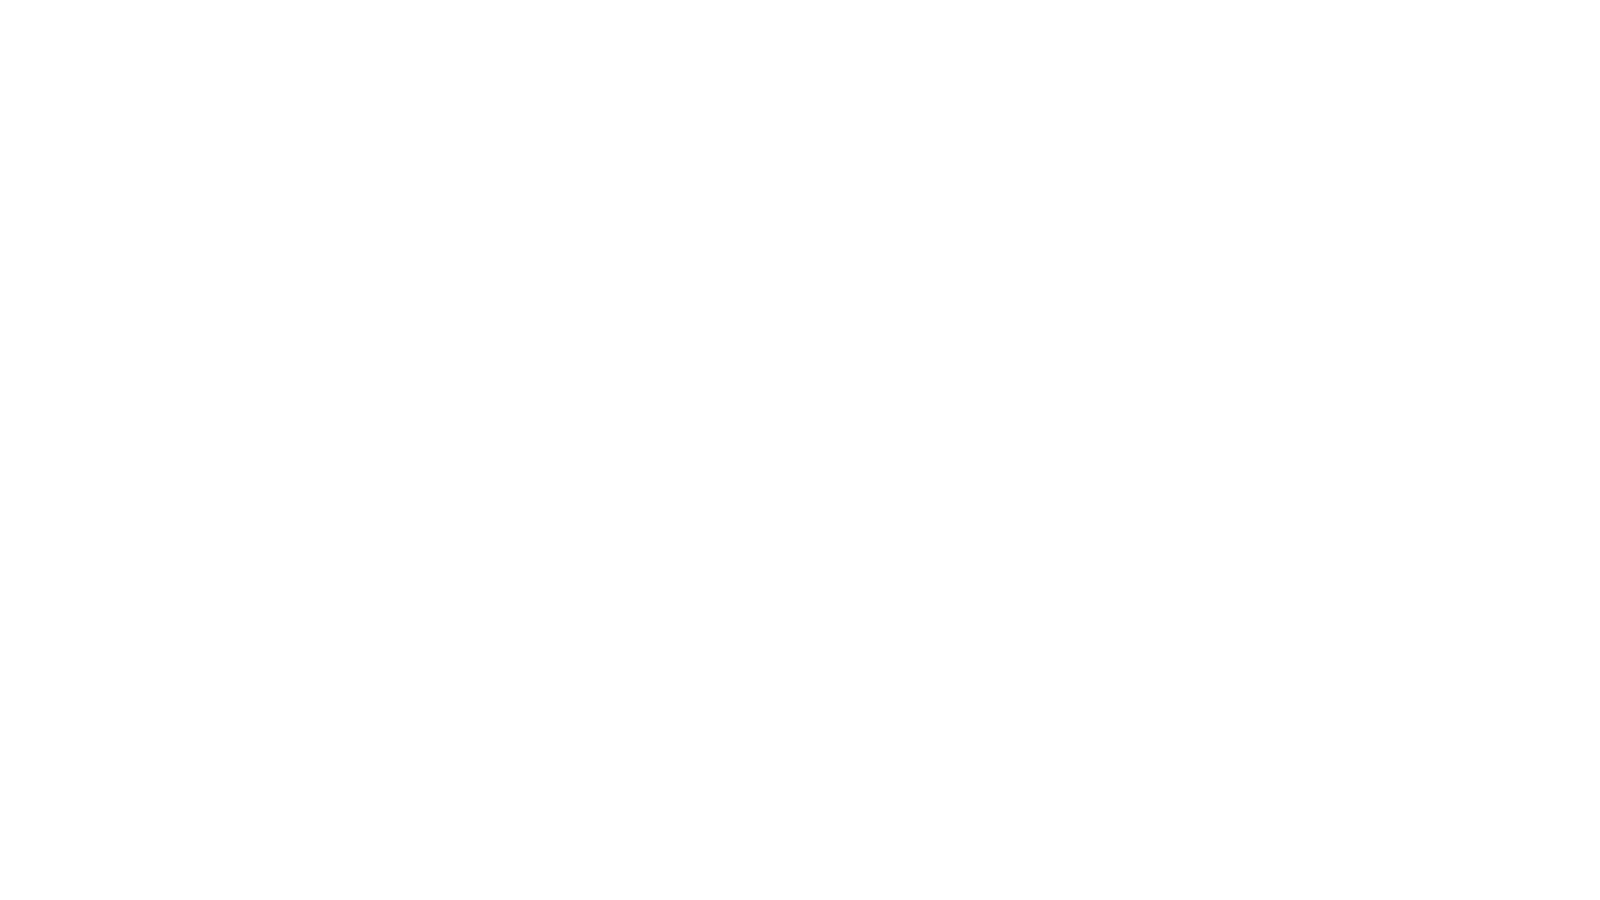 """Riflessioni e curiosità sul documentario """"A Milano crescono sogni"""", in collaborazione con Book City Milano.  Hanno partecipato: 👉Marco Ferrari, regista del documentario 👉 David Guazzoni e Jacopo Lareno di Codici Ricerca e Intervento 👉 Nicoletta Bortolotti e Ahmed Malis, scrittrice e protagonista del libro """"Disegnavo pappagalli verdi alla fermata della metro"""" 👉 Moderato da Valeria Ciardiello di #ProgrammaQuBì"""